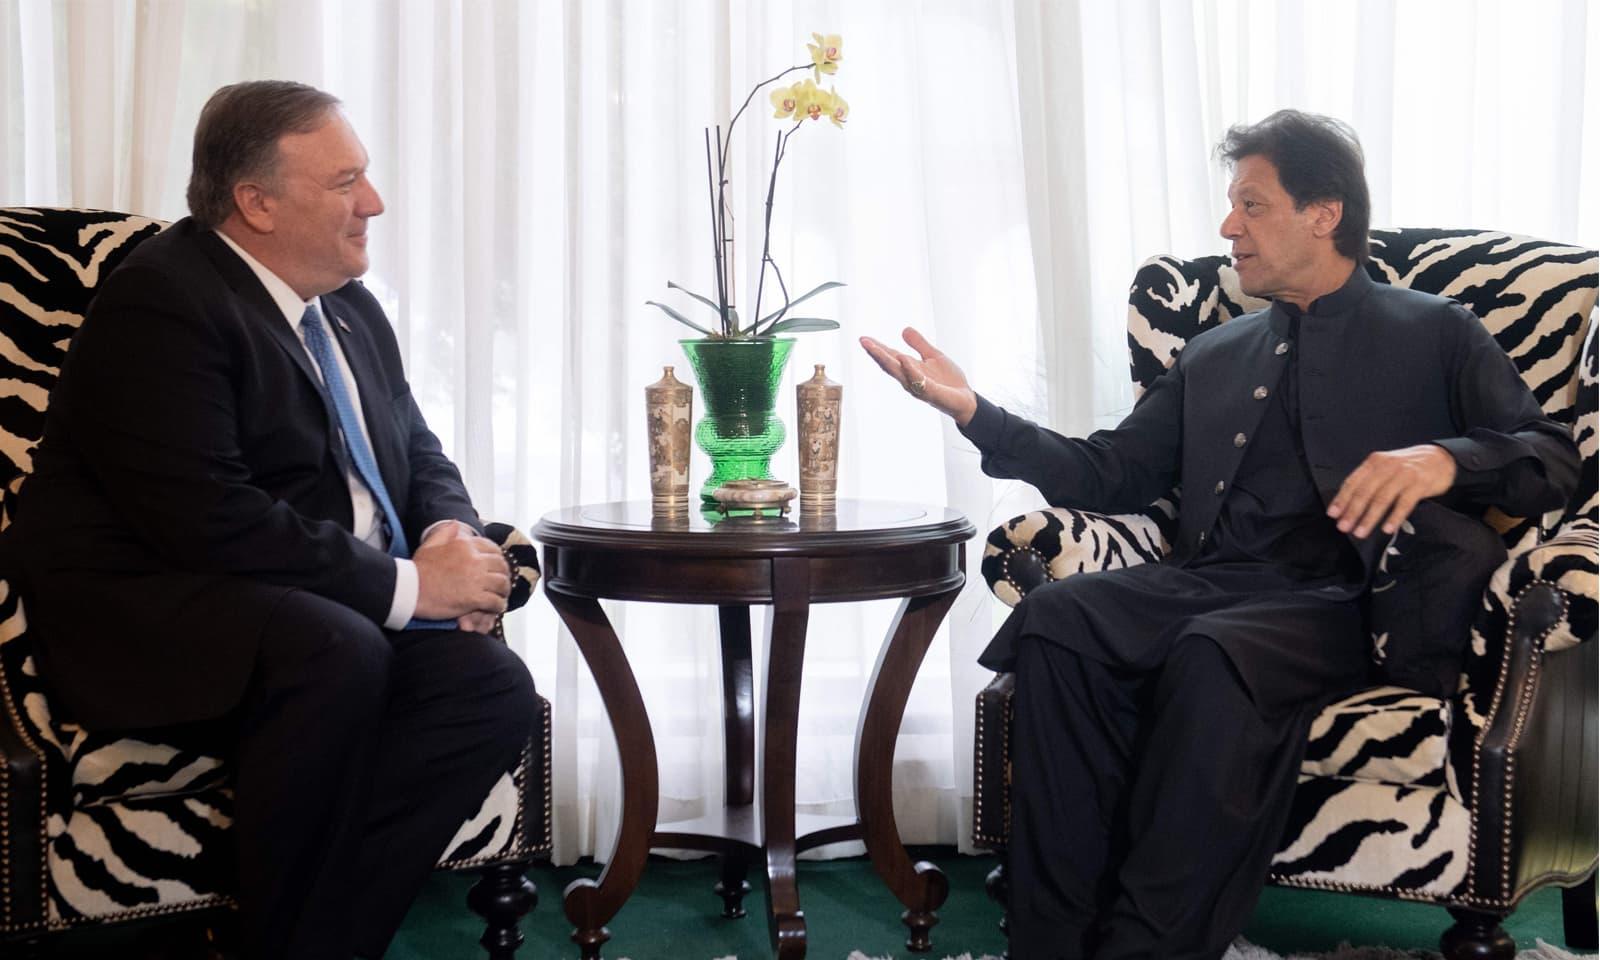 عمران خان نے امریکی وزیر خارجہ مائیک پومپیو سے بھی ملاقات کی — فوٹو: اے ایف پی